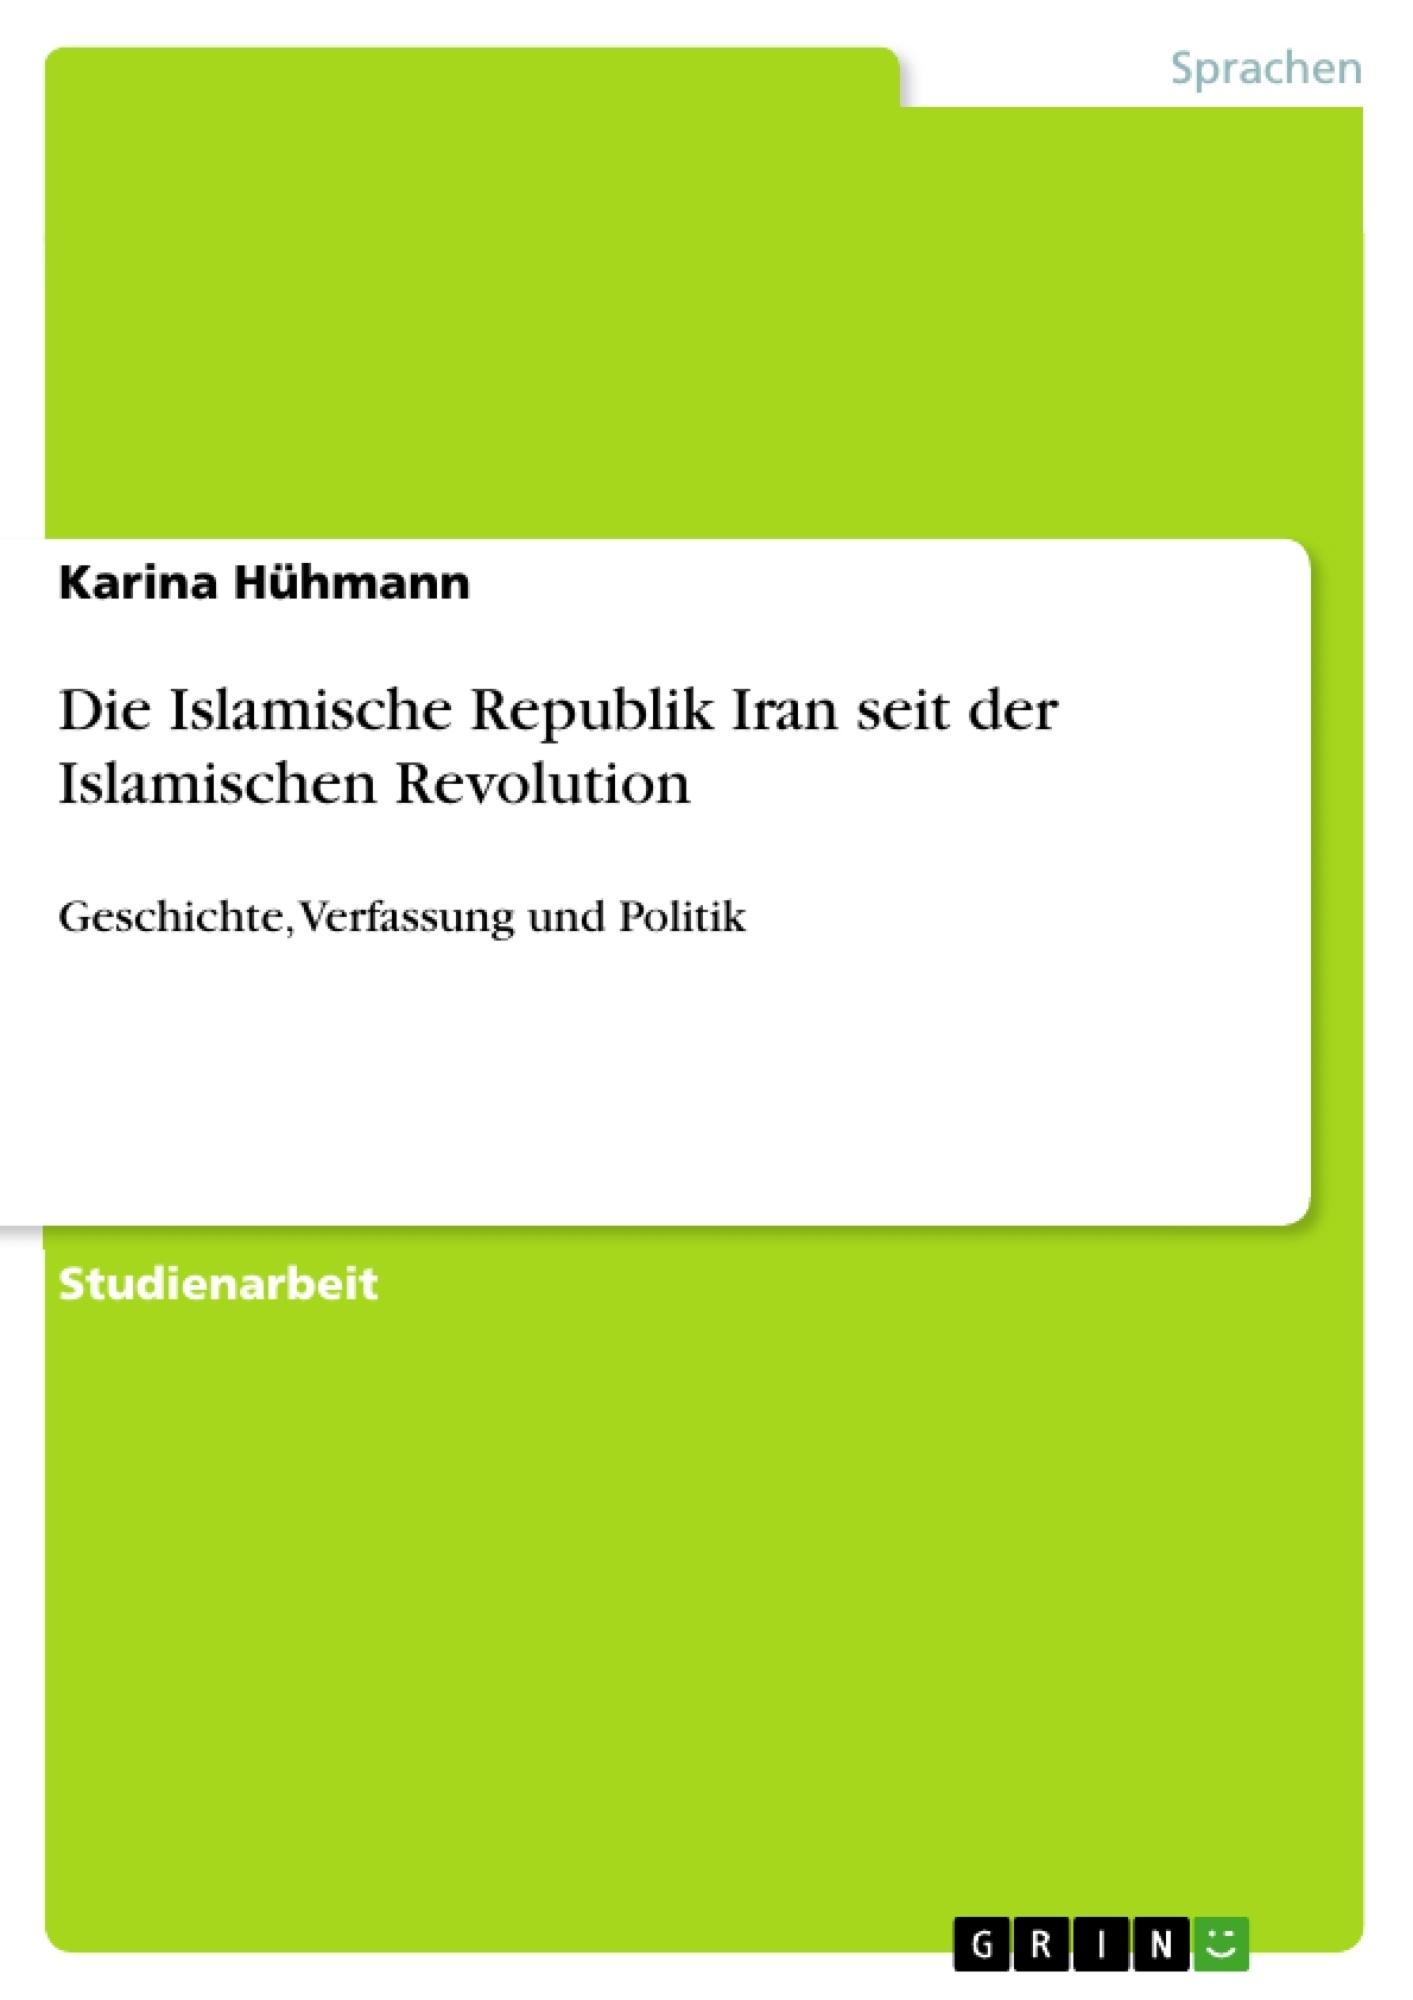 Titel: Die Islamische Republik Iran seit der Islamischen Revolution